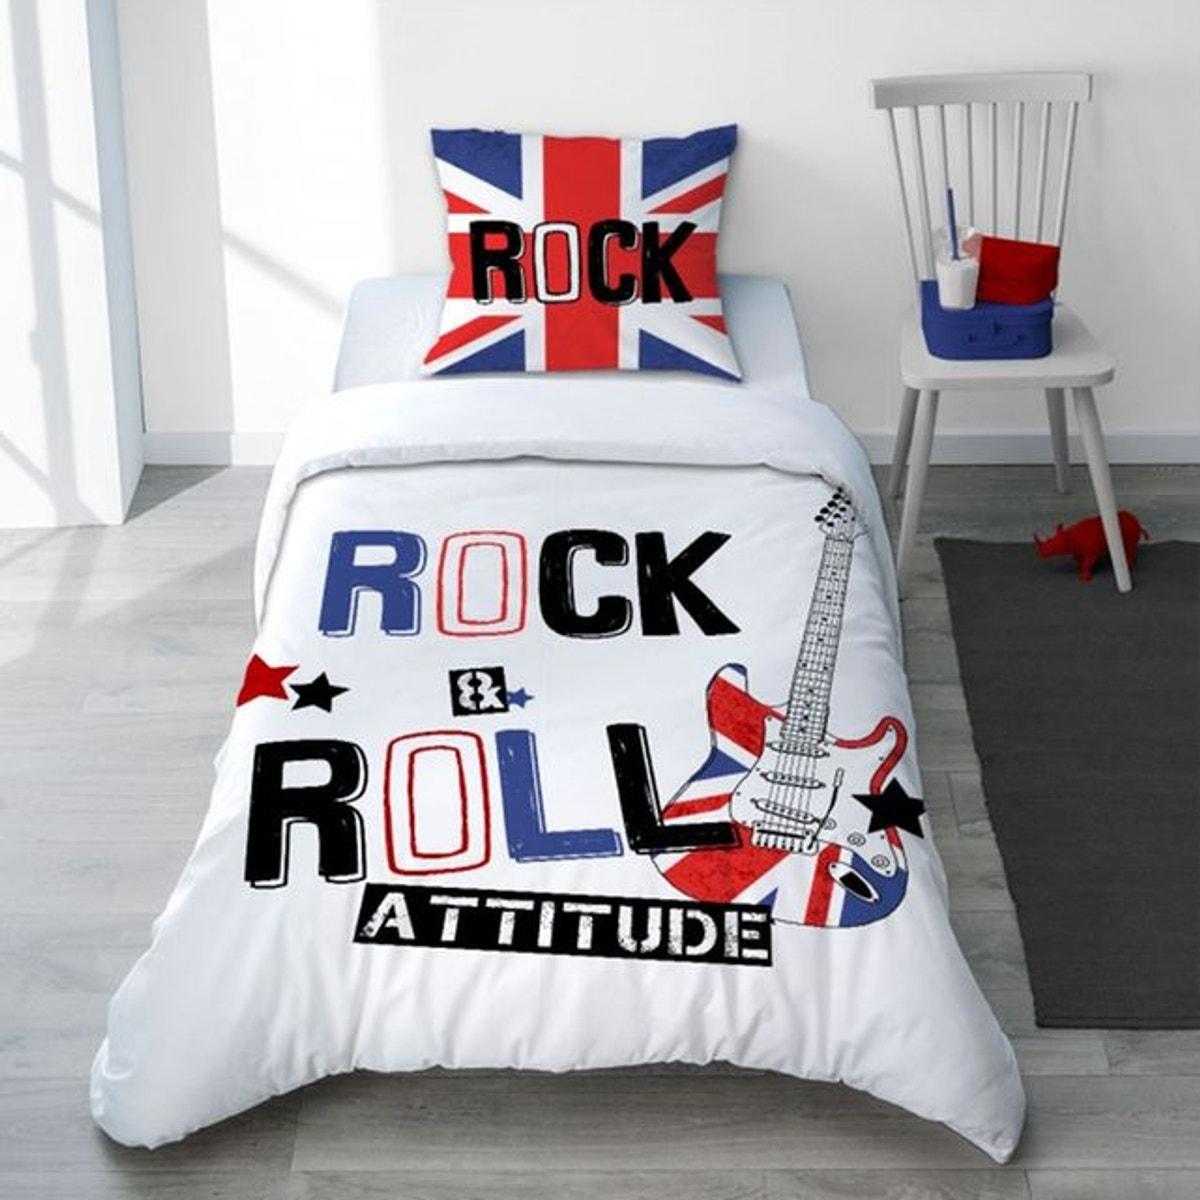 Parure Housse De Couette Musique London Rock Pour Chambre Ado London Rock Taille 240x220 Cm Couleur Chambre Ado Chambre Ado Et Parure Housse De Couette